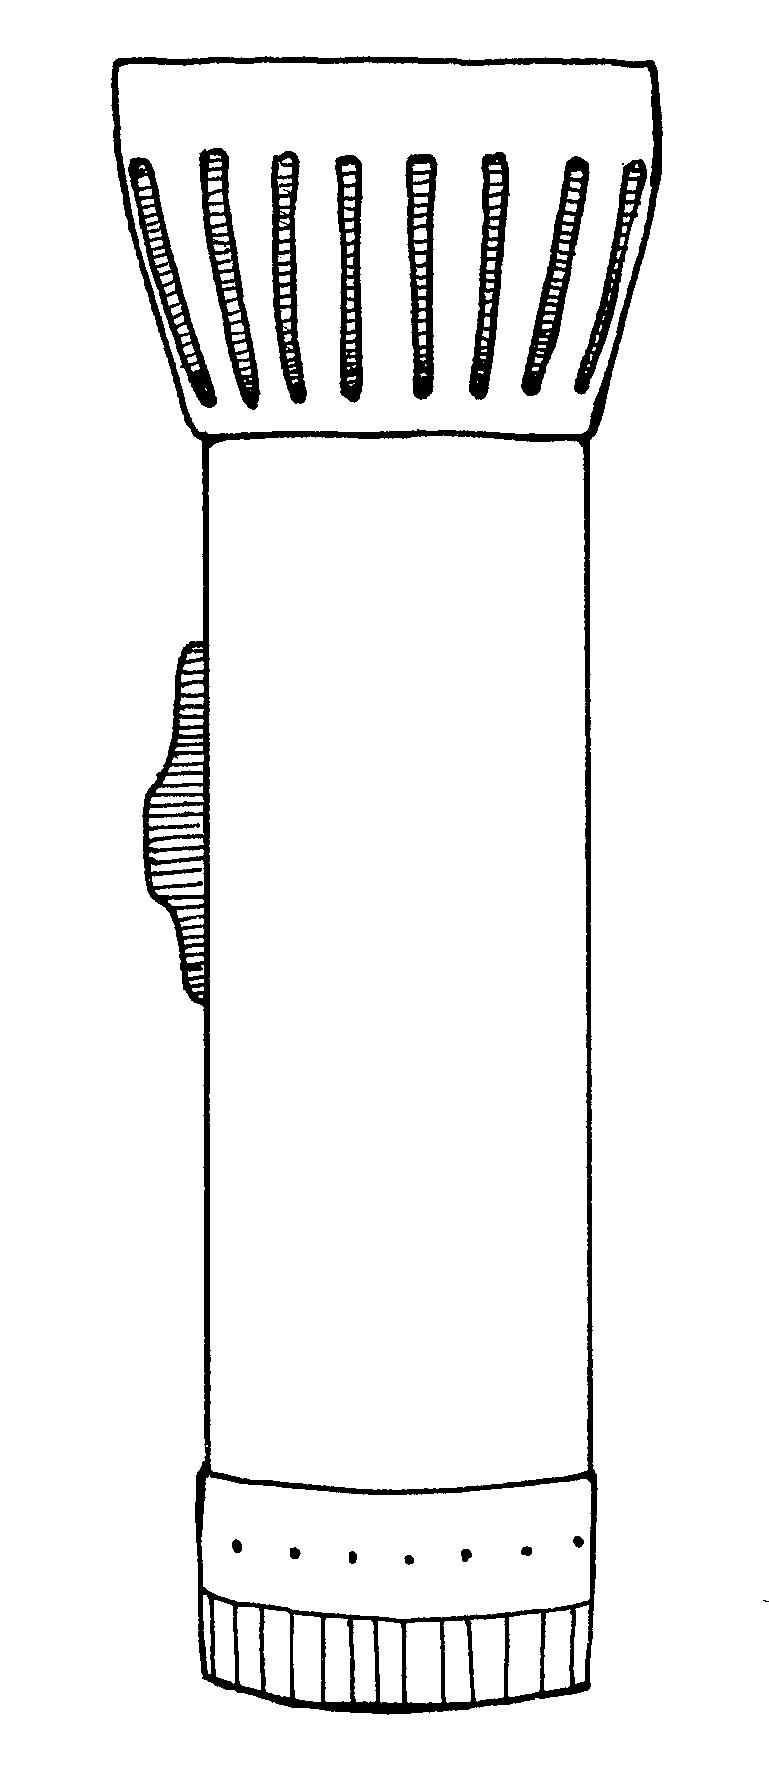 Flashlight clip art at clker vector image